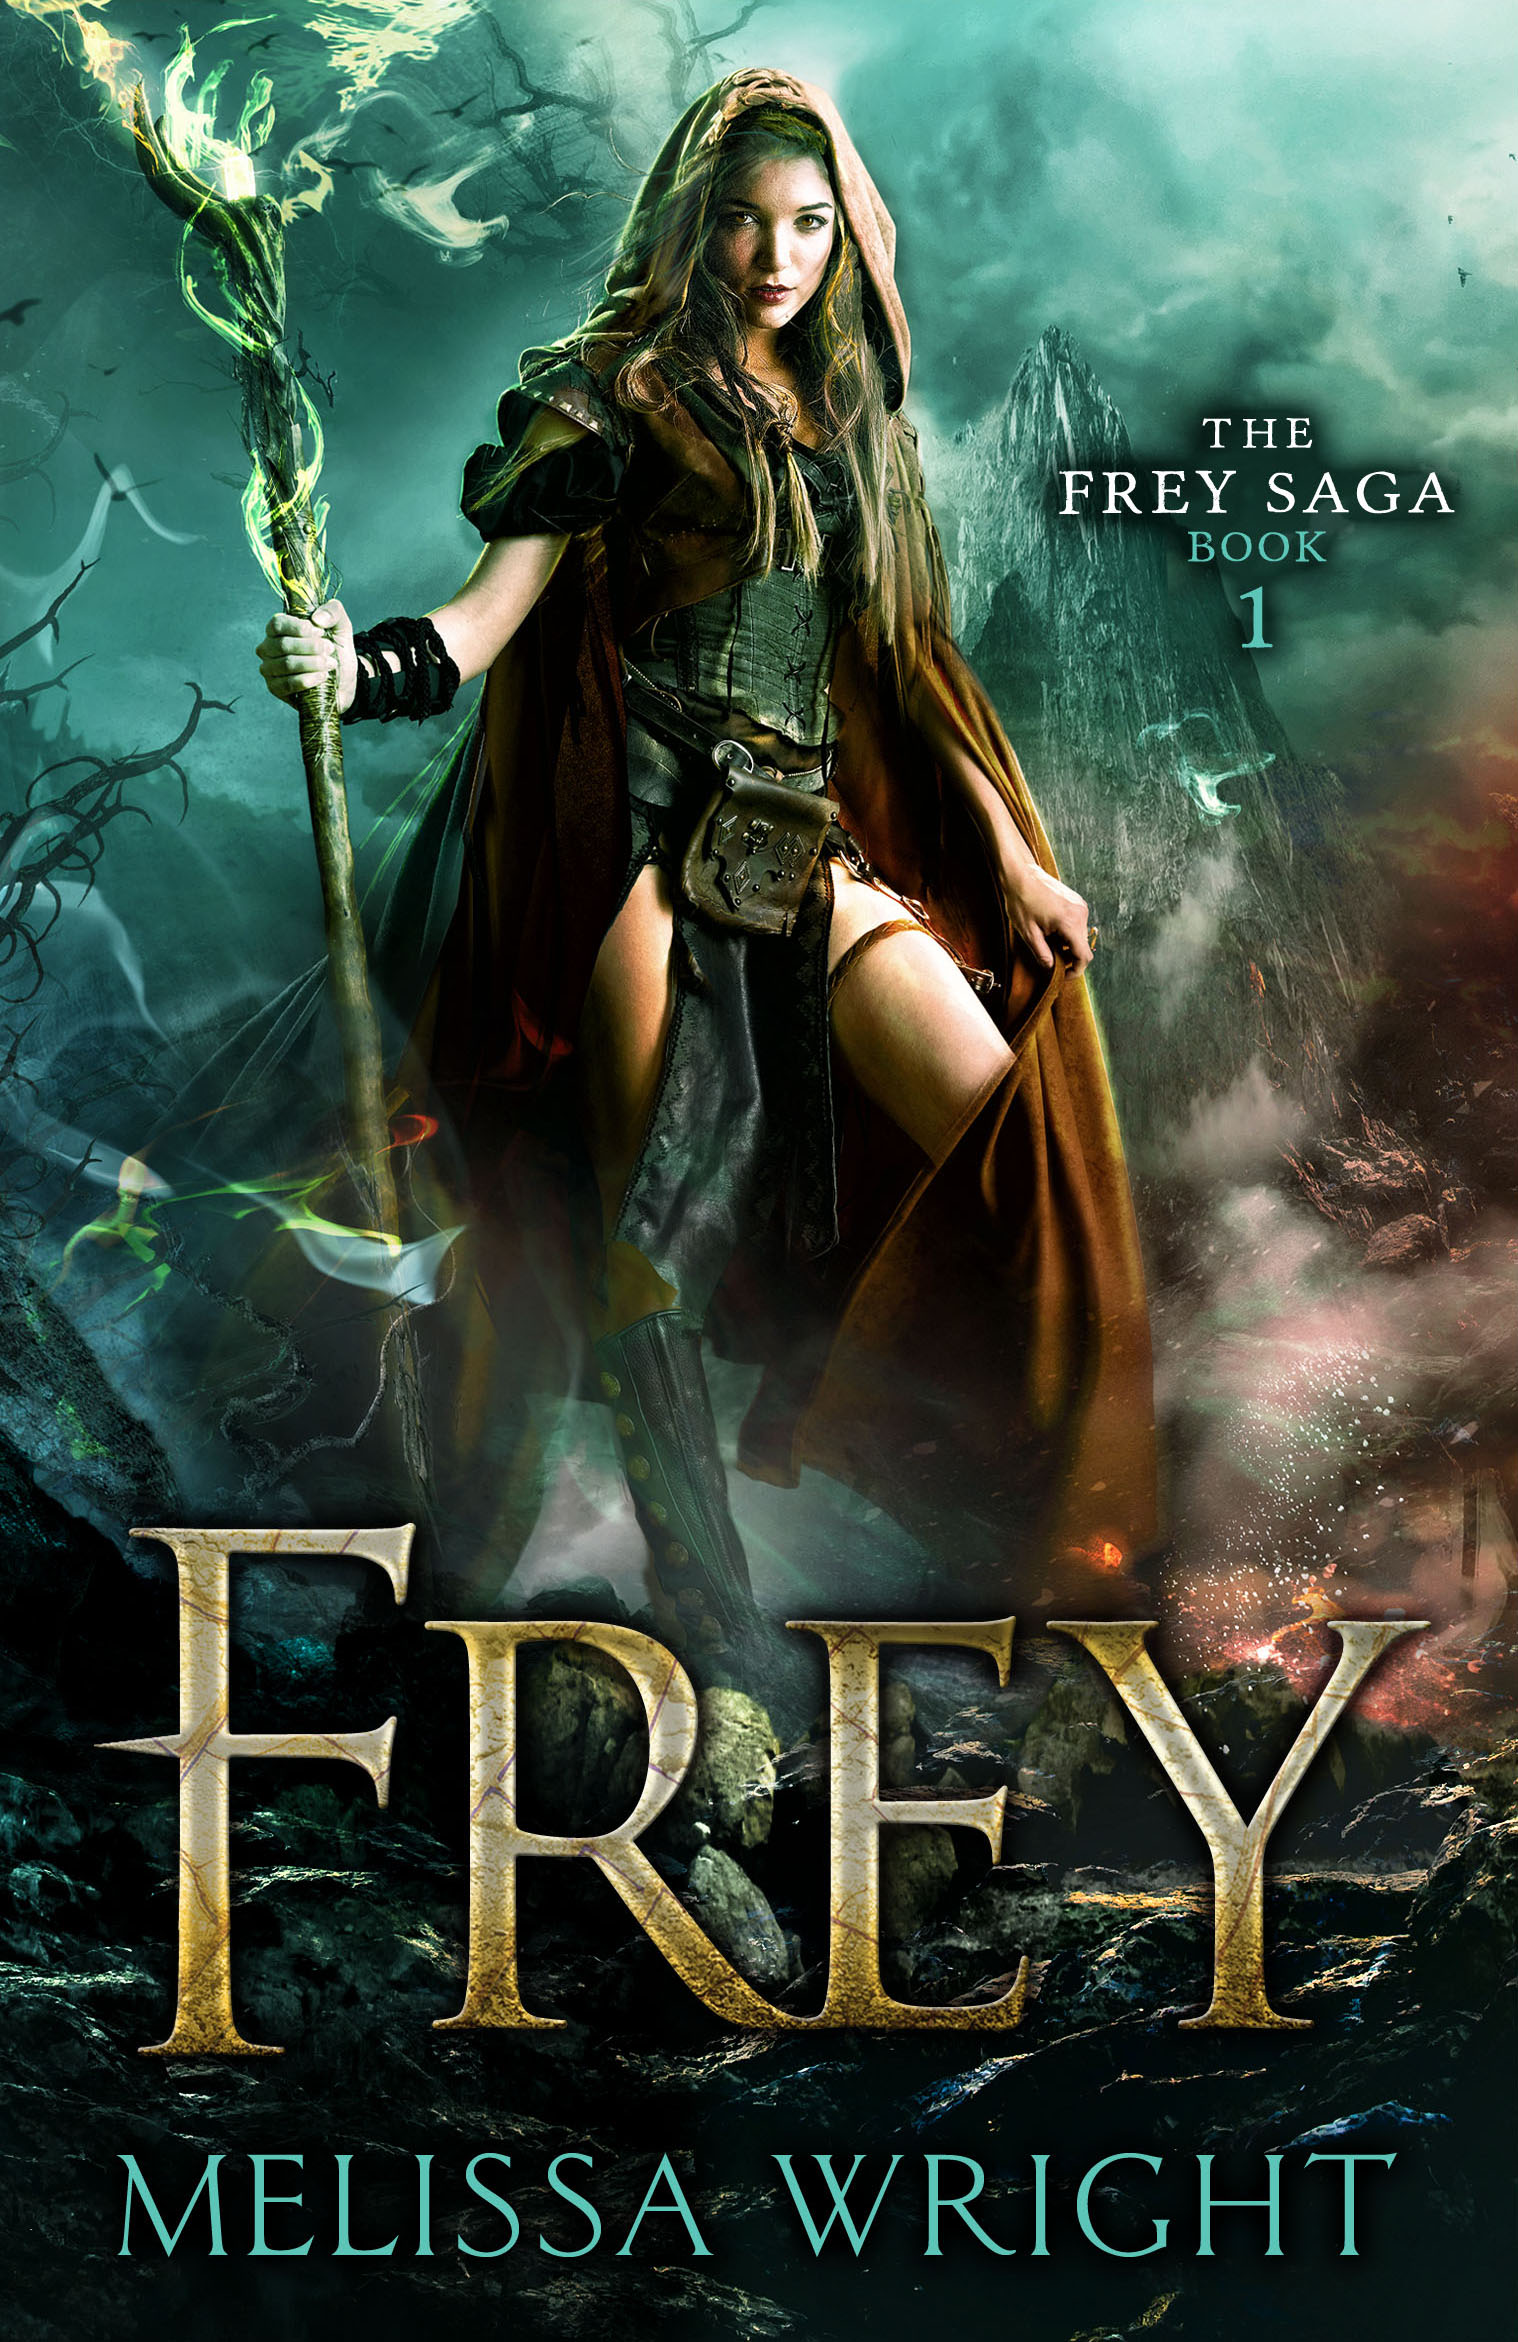 The Frey Saga, Book 1